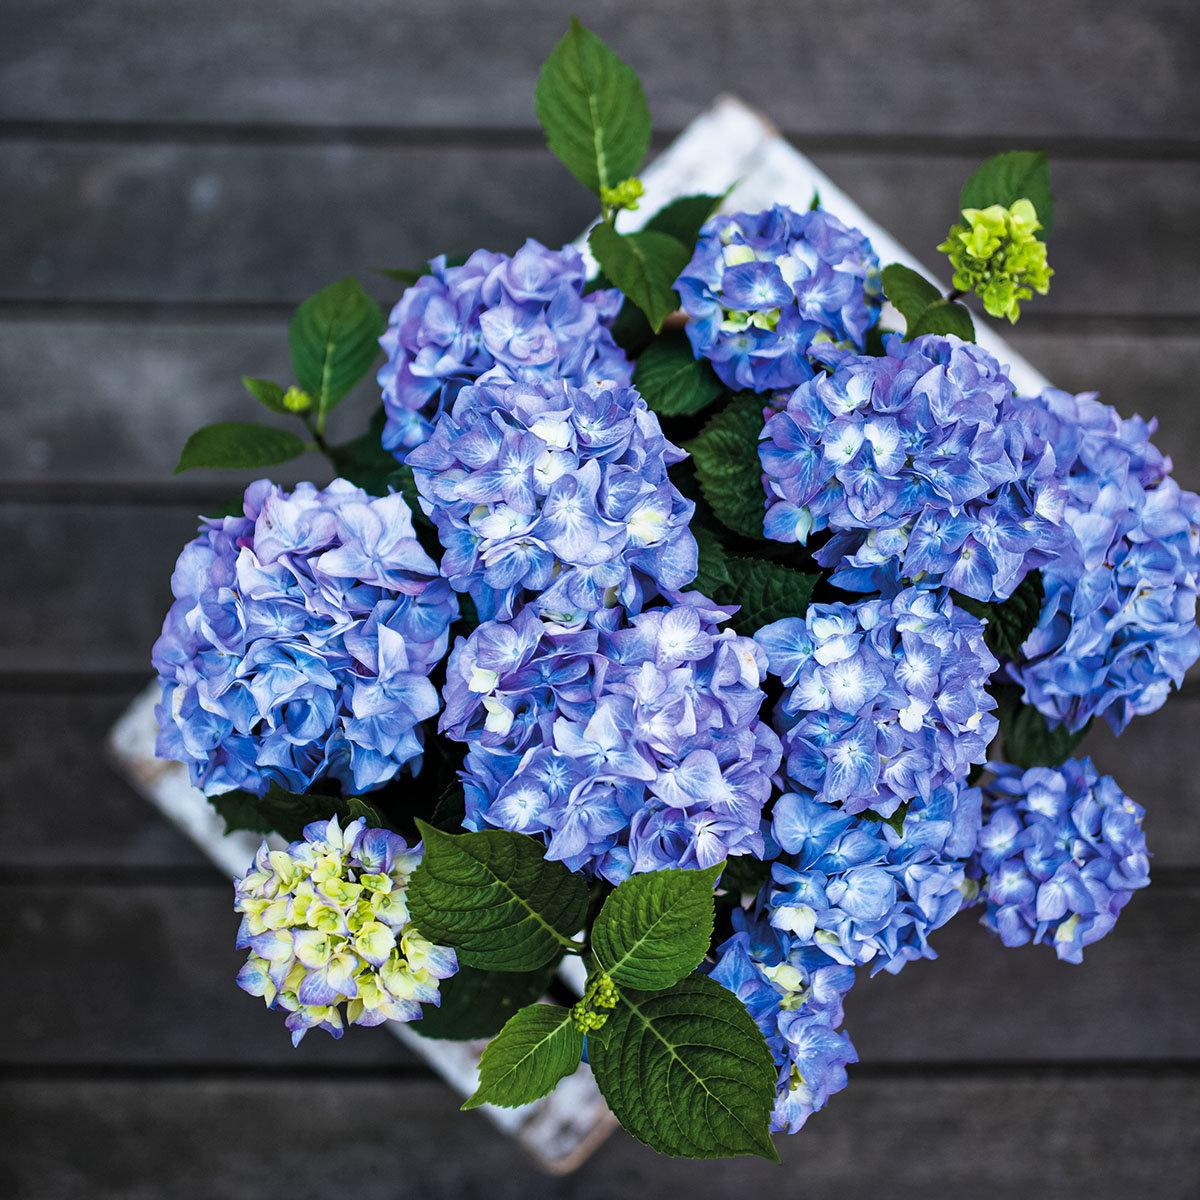 Hortensie Diva fiore®, blau, im ca. 22 cm-Topf | #3